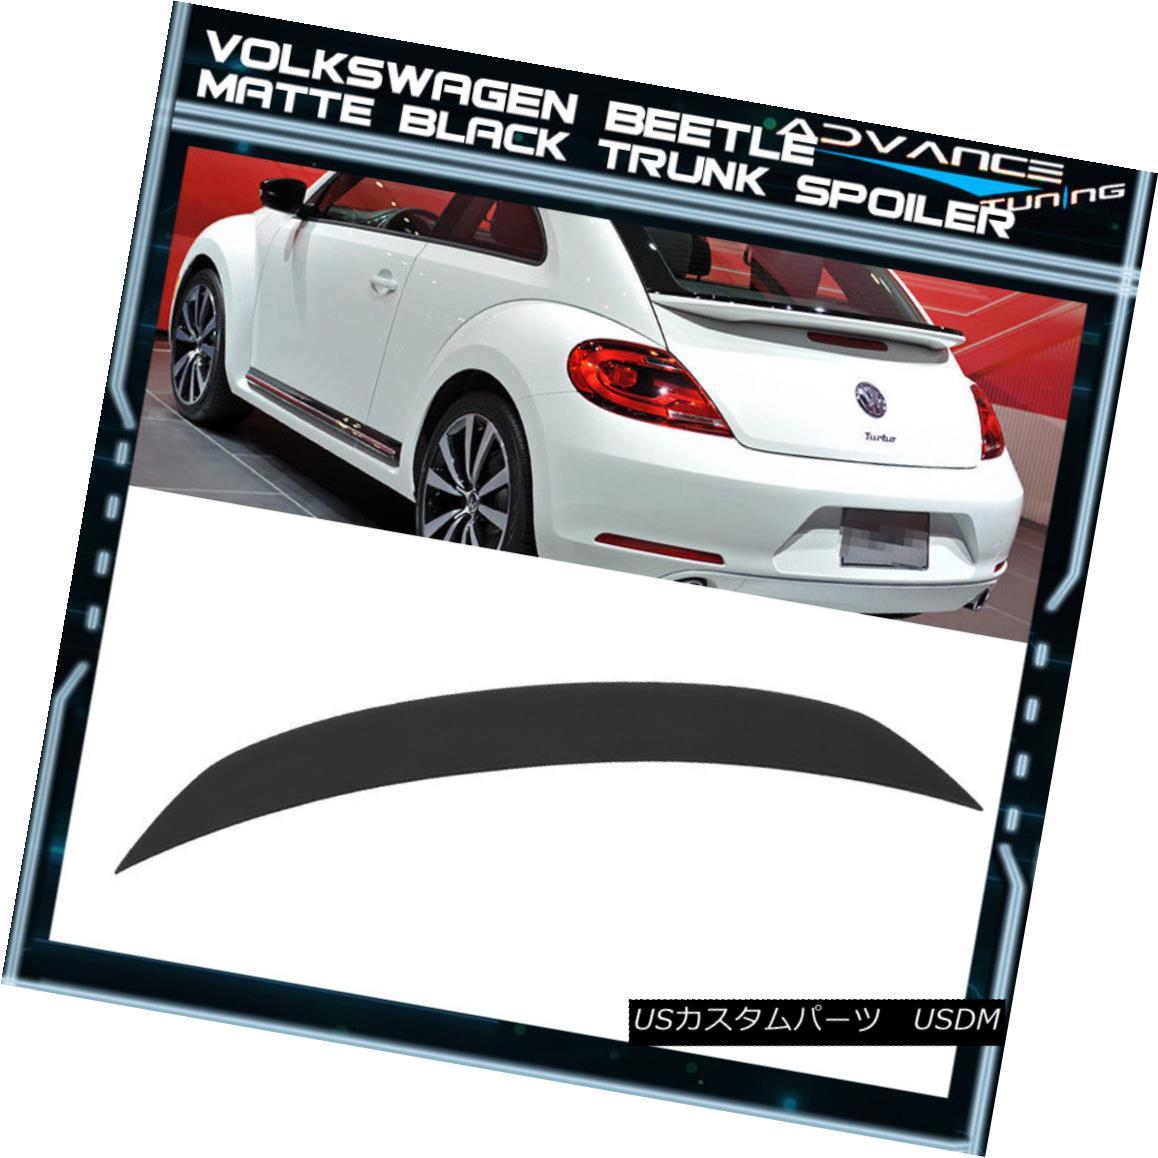 エアロパーツ Matte Black Fits 12-18 Volkswagen VW Beetle A5 HB OE Factory Style Trunk Spoiler マットブラックフィット12-18フォルクスワーゲンVWビートルA5 HB OE工場スタイルのトランク・スポイラー